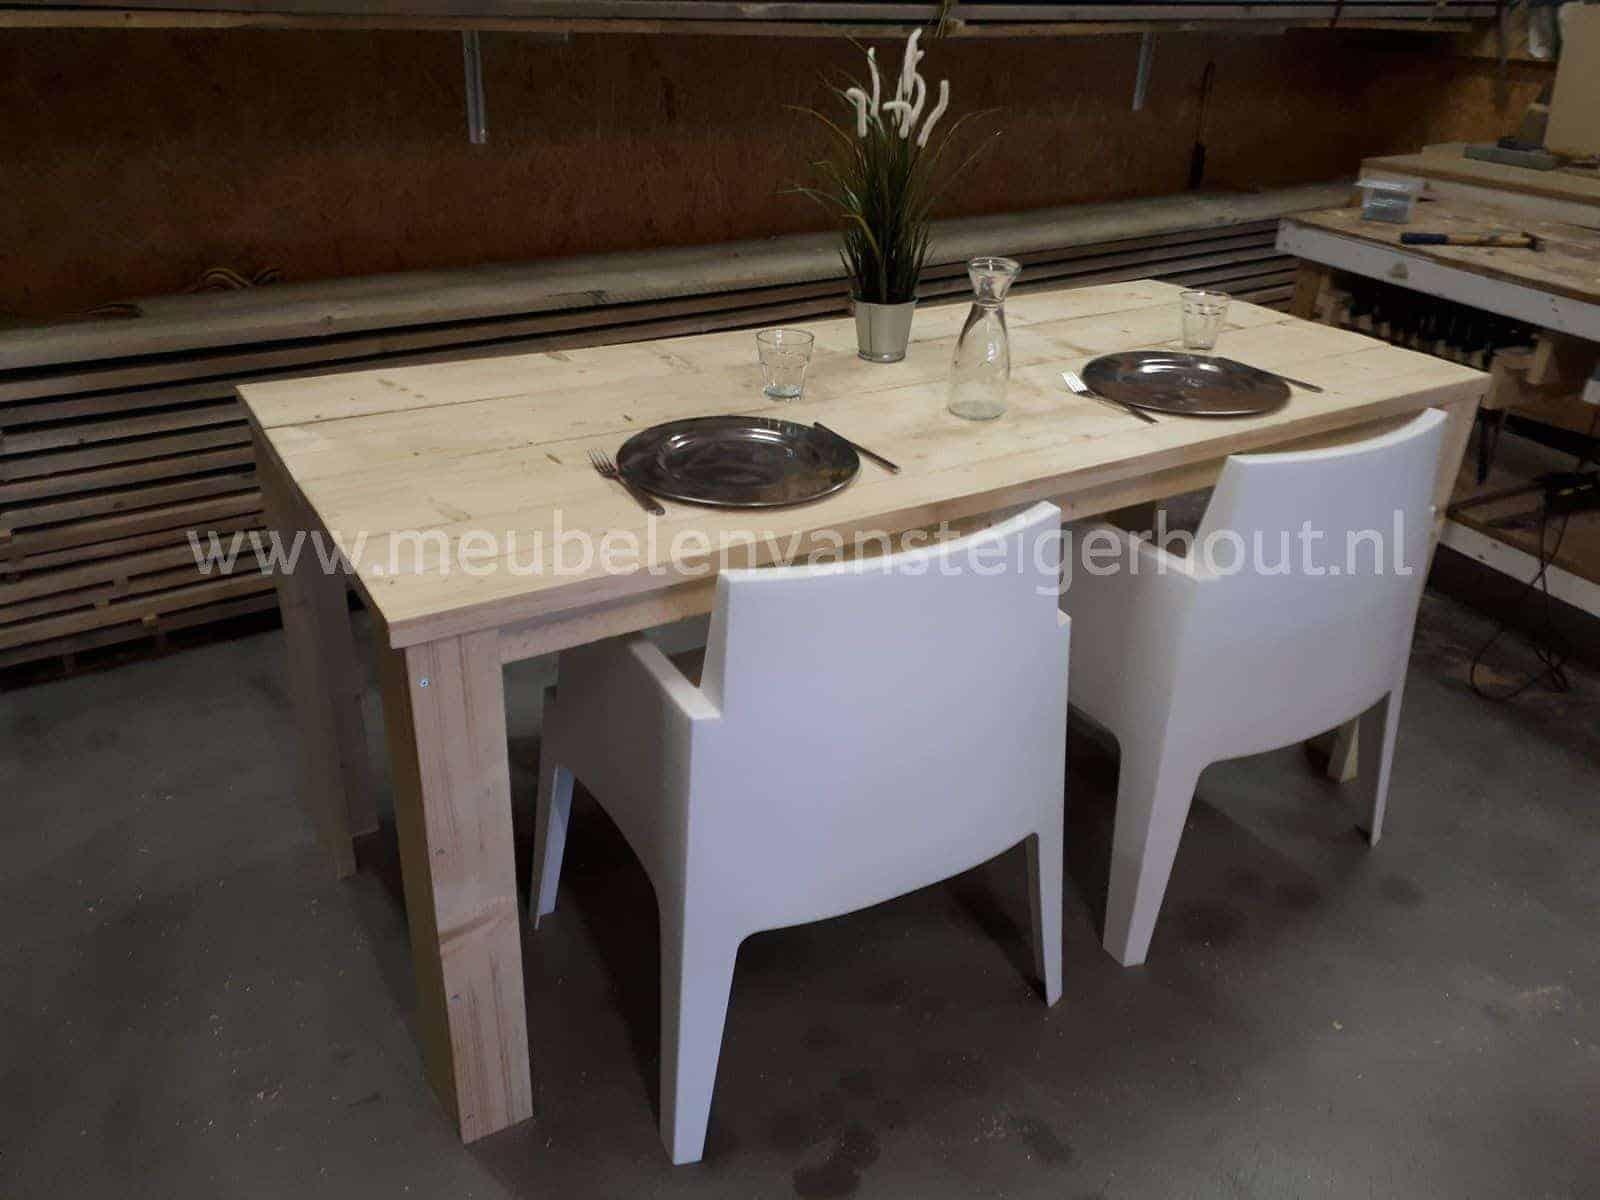 Doe het zelf tafel 80 cm breed meubelen van steigerhout for Zelf tafel maken